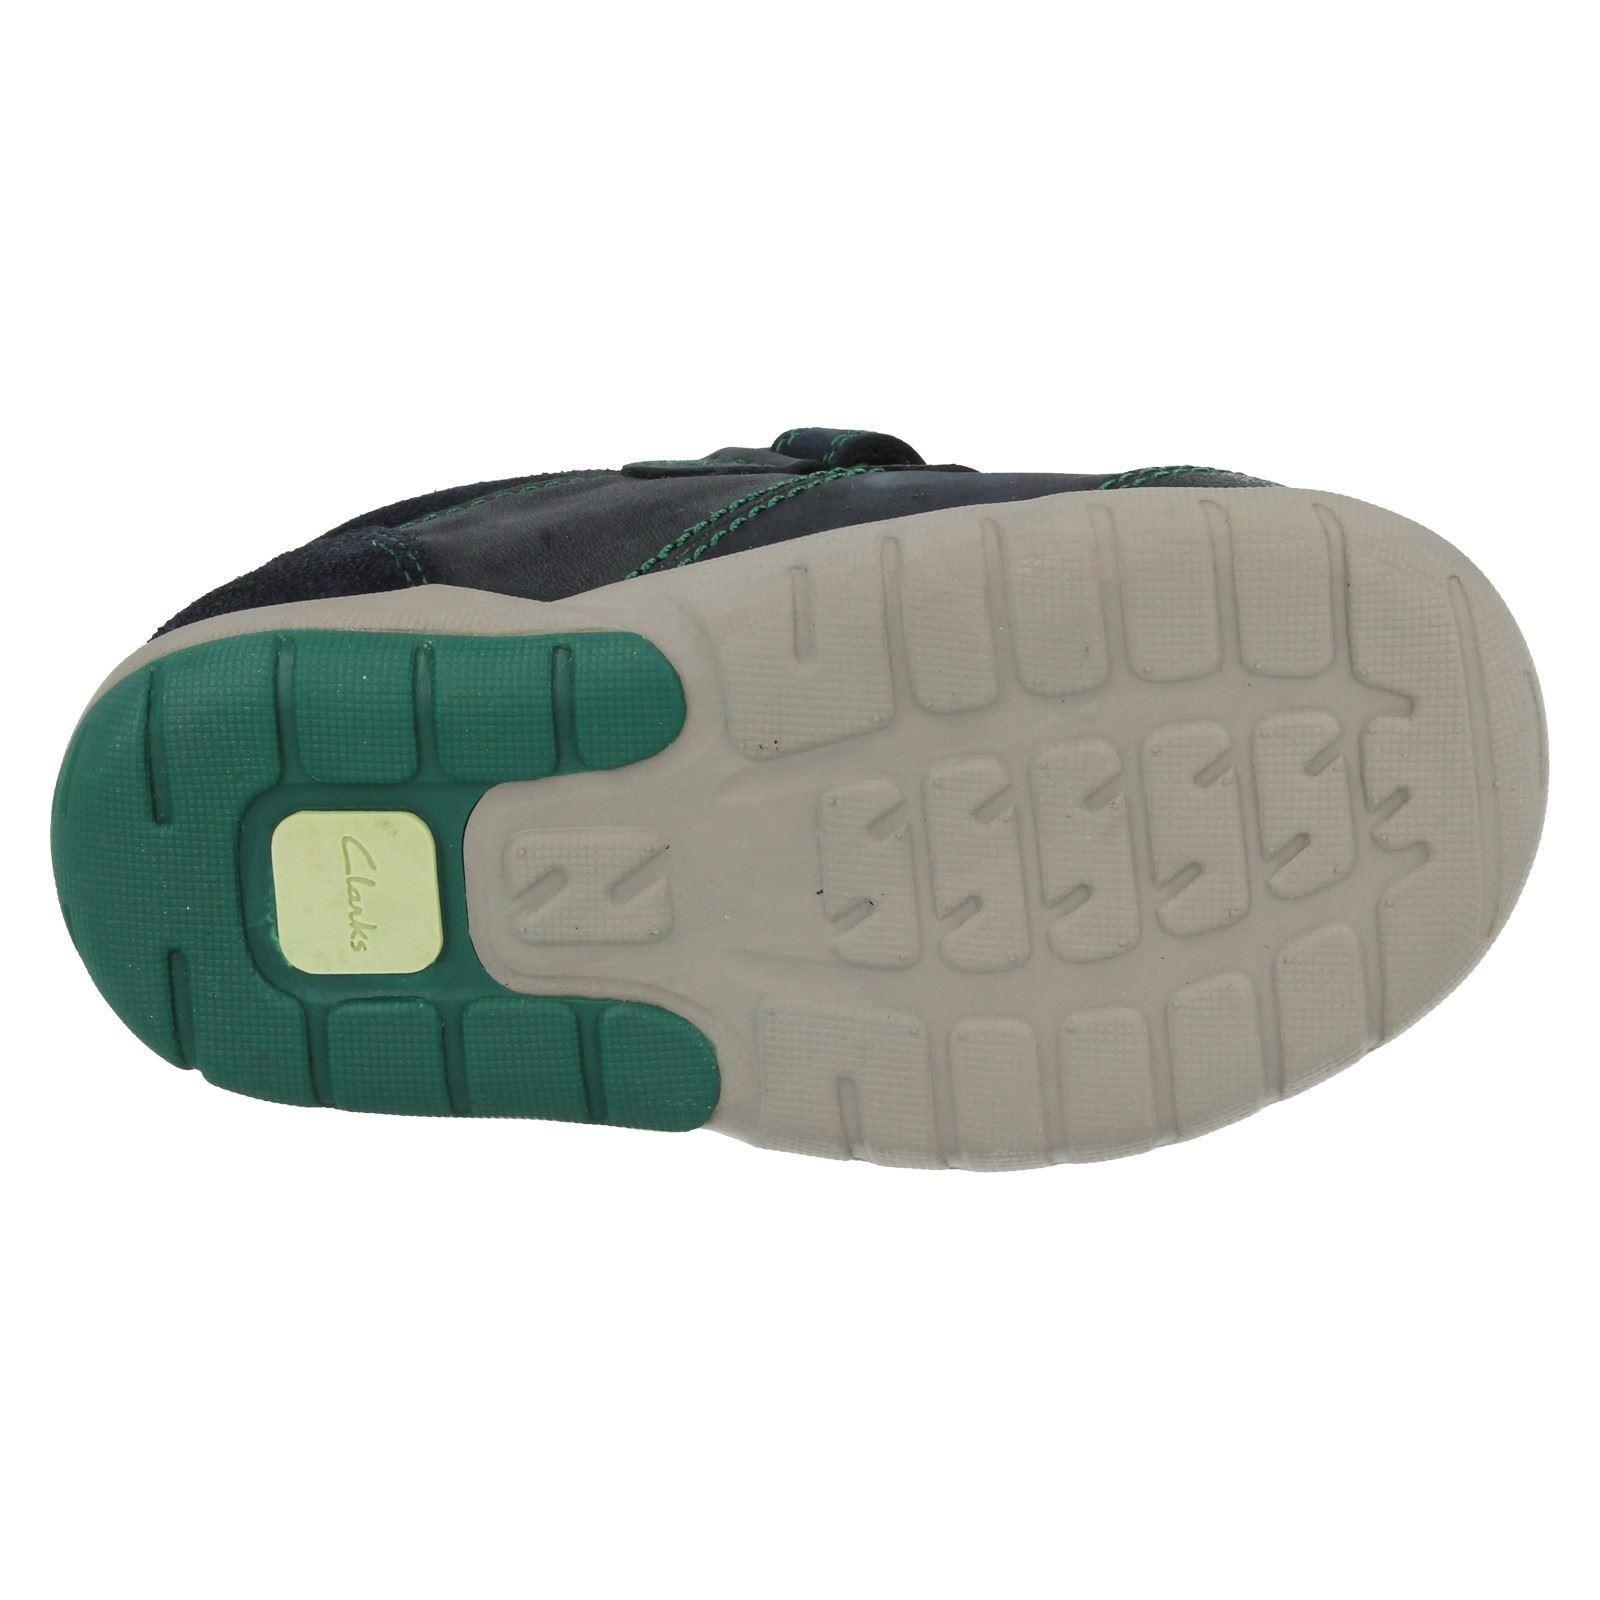 Chicos Clarks Zapatos Informales primero suavemente Joe